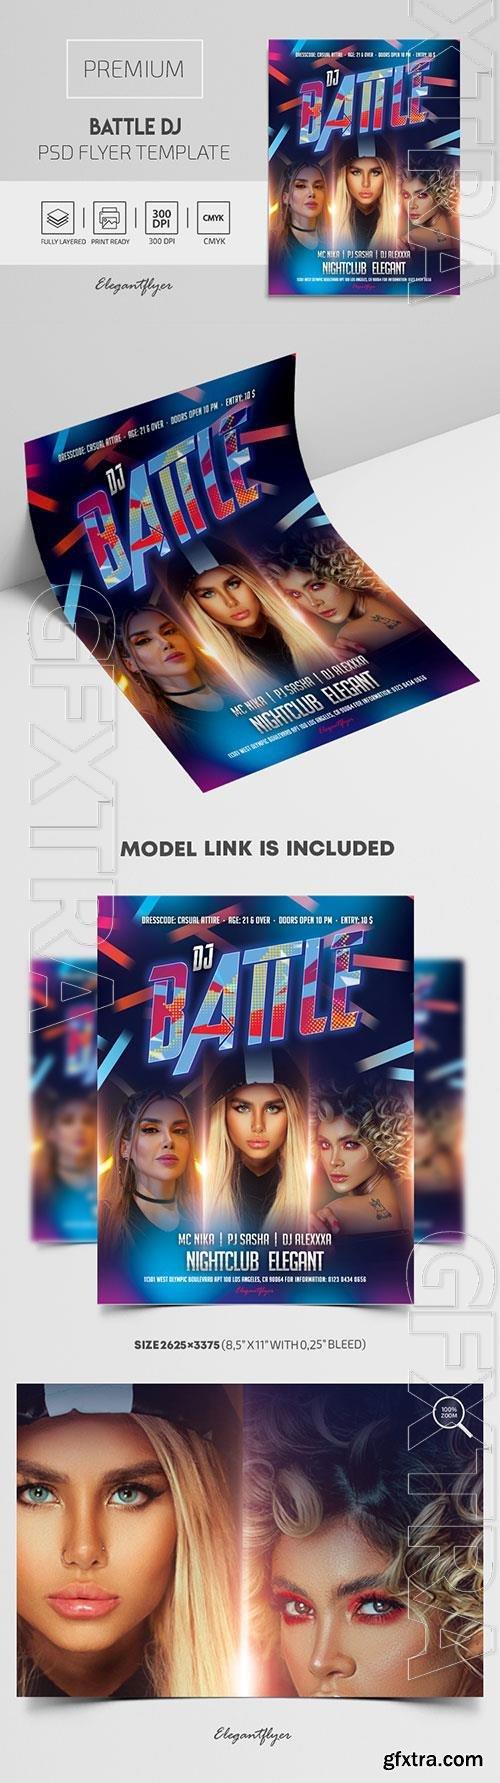 Battle DJ Premium PSD Flyer Template